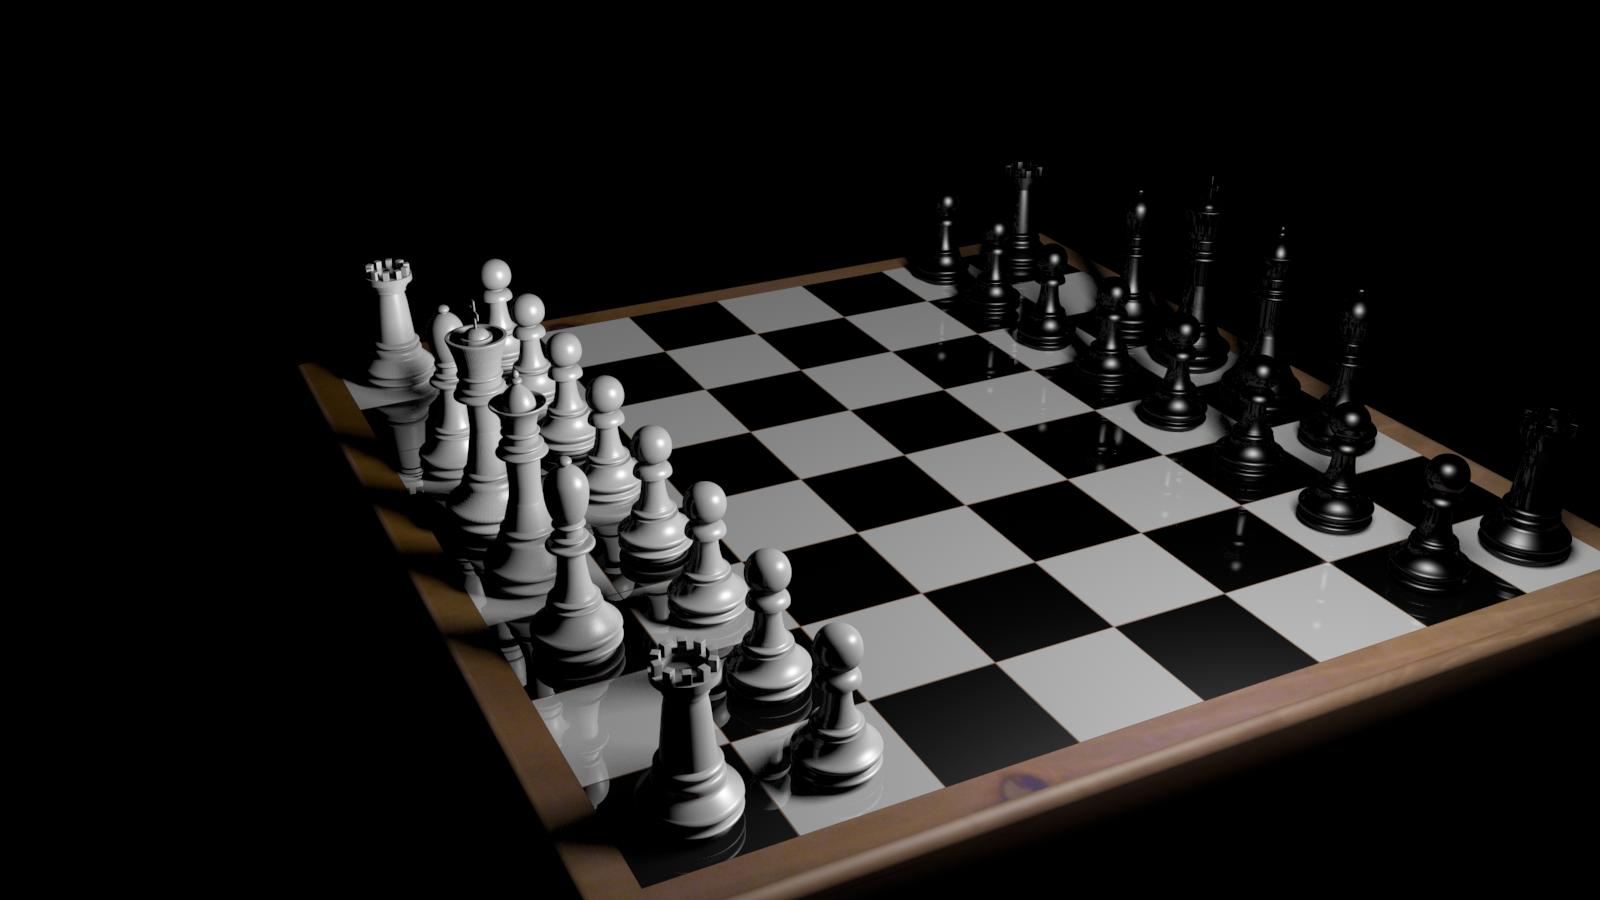 http://1.bp.blogspot.com/-hJ4kNz_v4fs/TdK-mIH434I/AAAAAAAAANk/S-P-dx2Uh5g/s1600/Chess%20Board.jpg